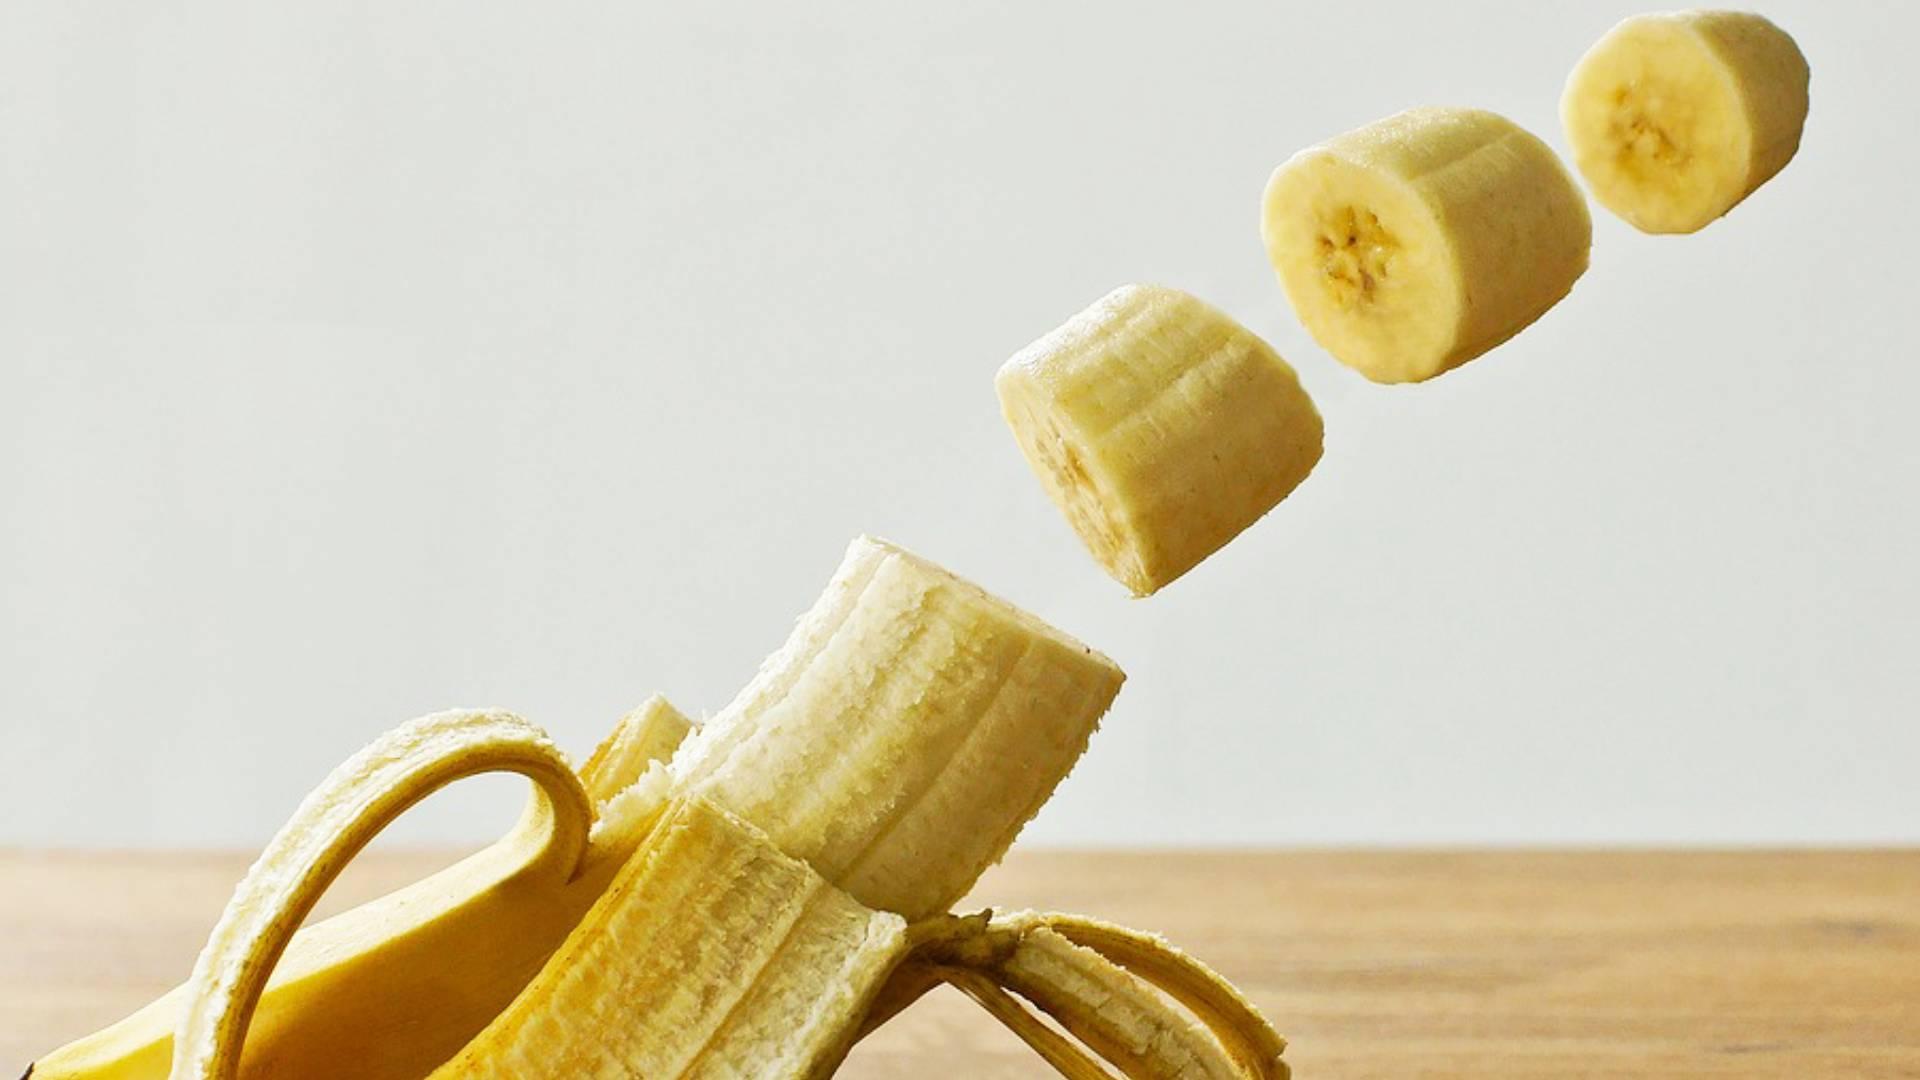 Banana Health benefits: डायबिटीज से लेकर डायरिया तक, हर रोज एक केला खाने भर से दूर हो सकती हैं ये बीमारियां